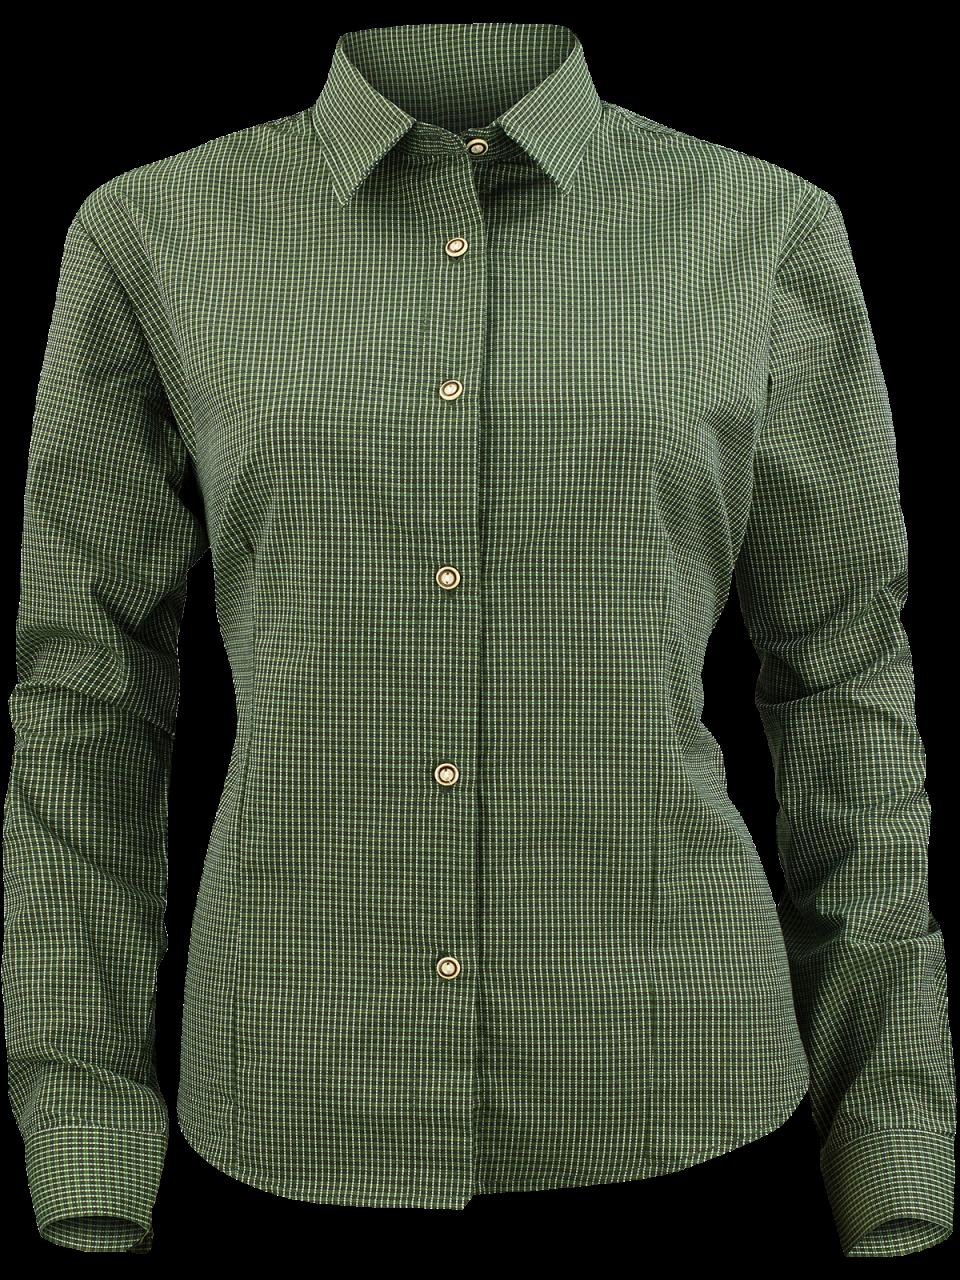 dámska košeľa Ravola DR outdoorové oblečenie